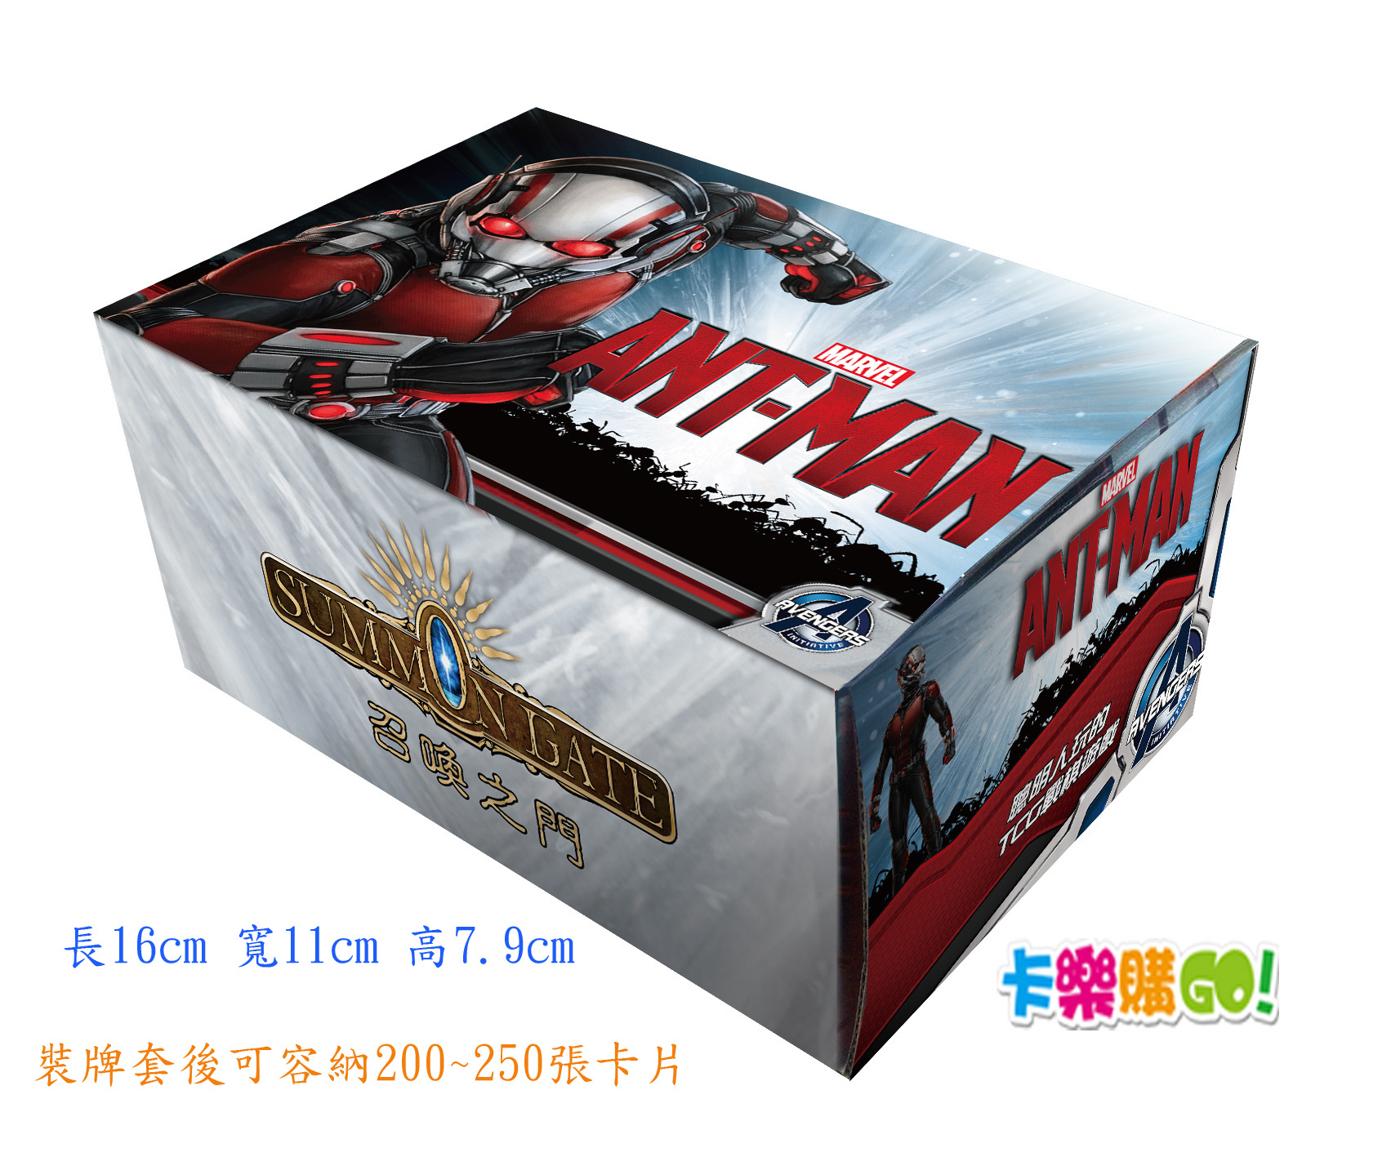 卡樂購Marvel漫威卡盒卡片收藏盒紙卡盒長卡盒召喚之門蟻人款